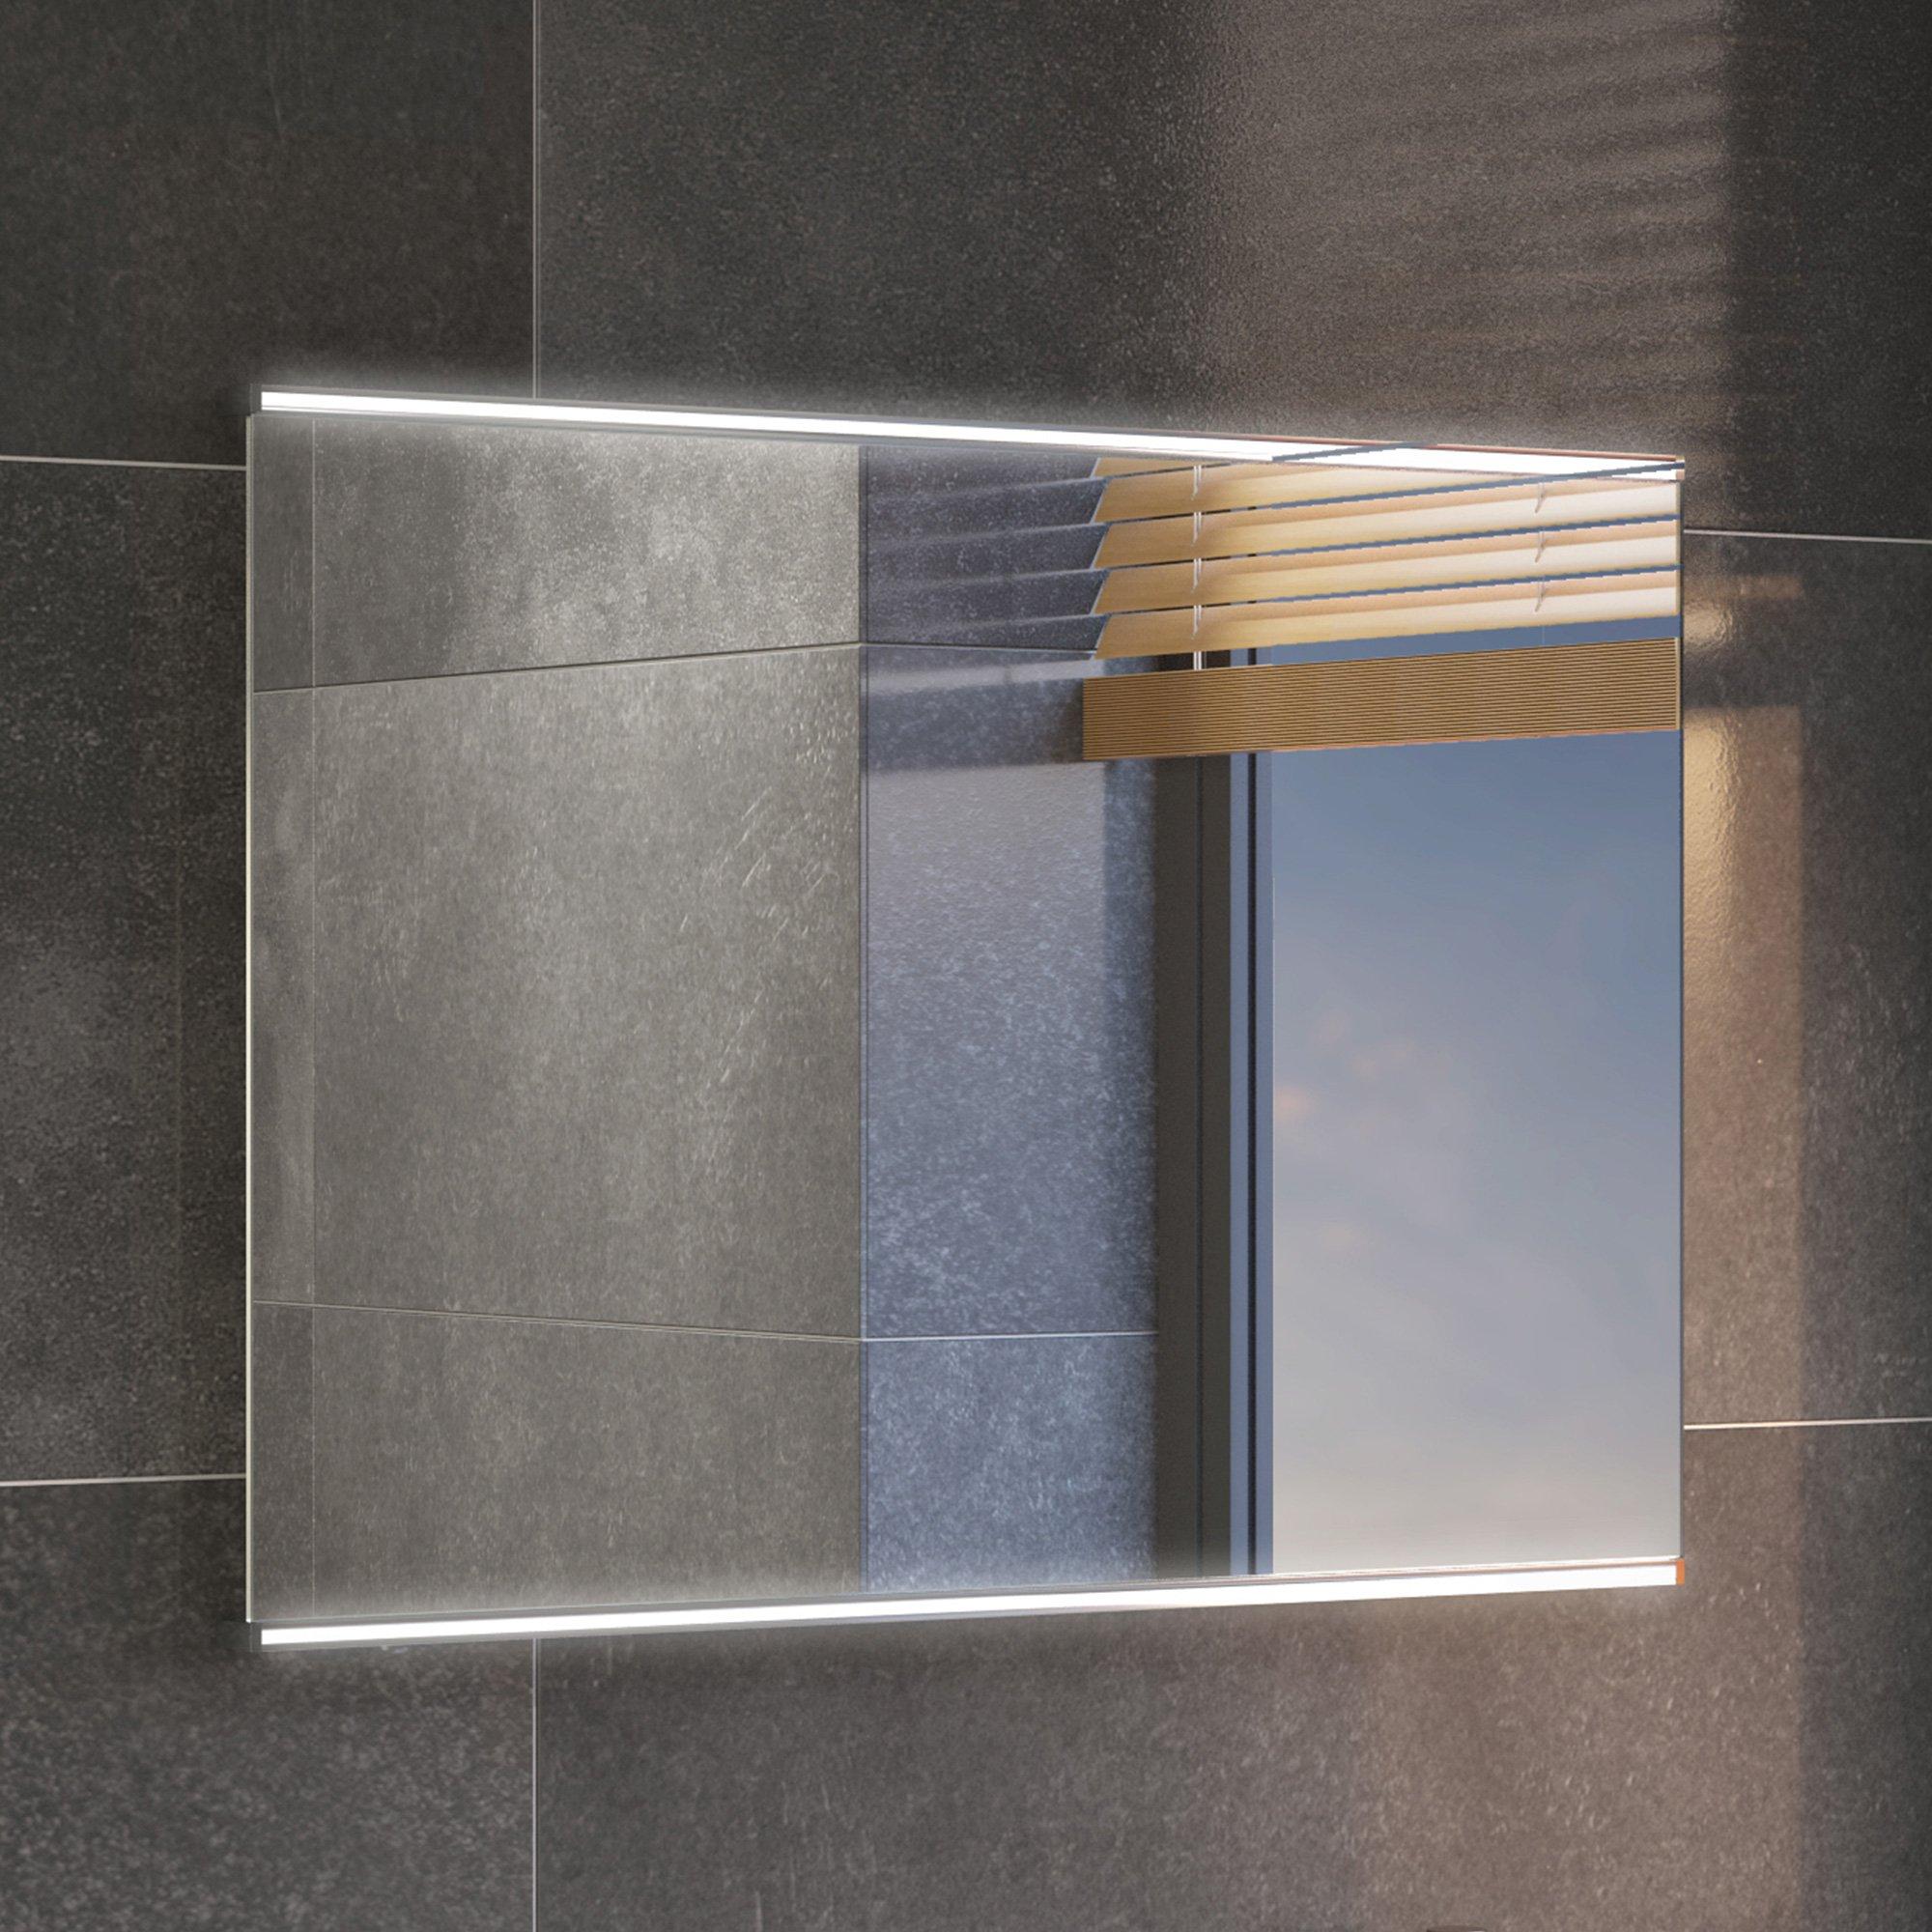 bathroom mirror with light amazon co uk rh amazon co uk